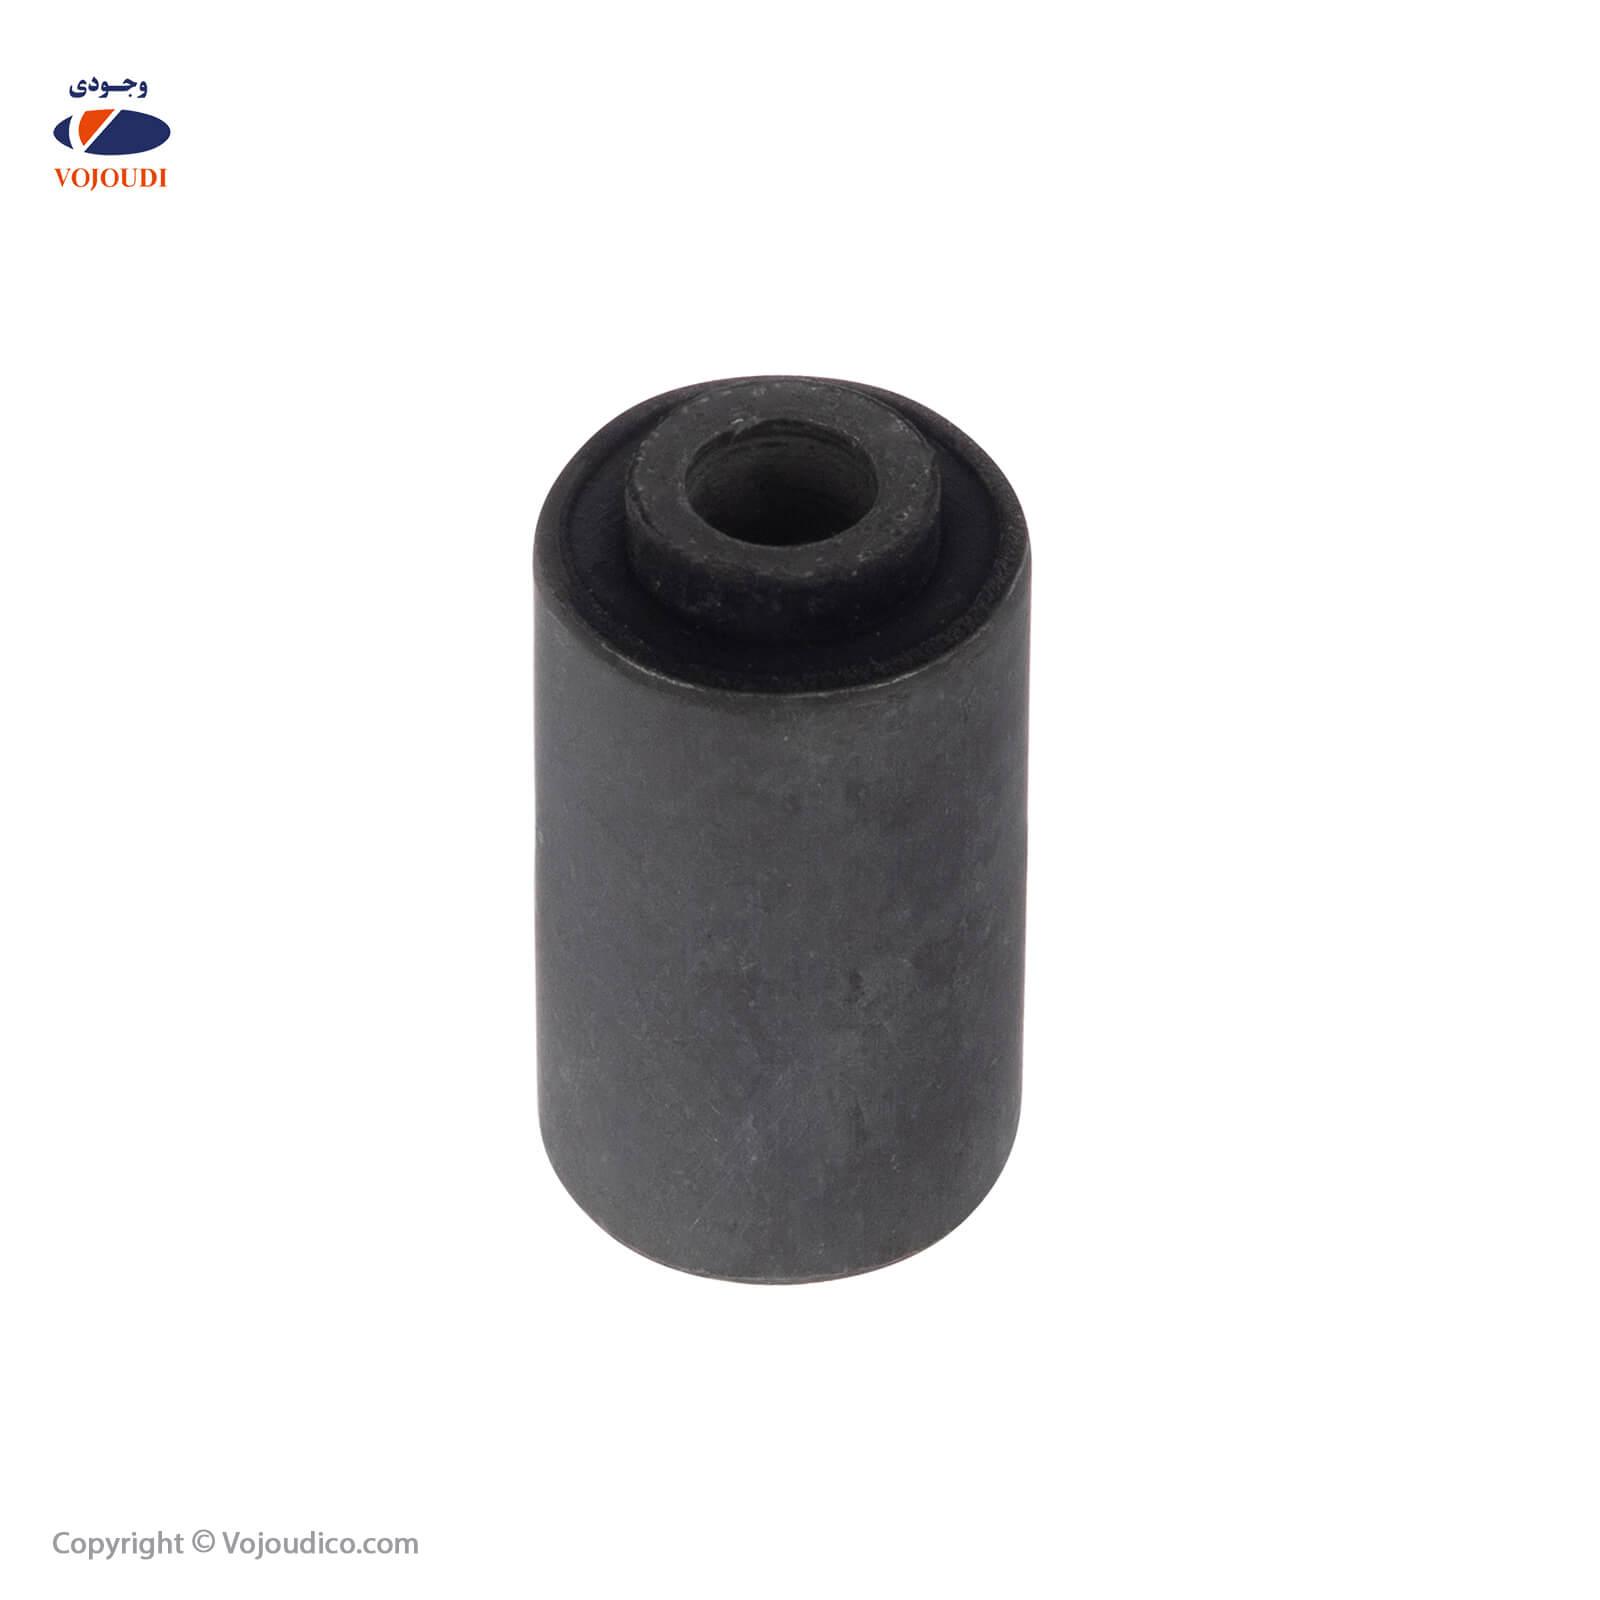 3611 1 - بوش طبق فلزي قطر 26/45 میلی متر وجودی کد 3611  ، تعداد در بسته : 25 عدد